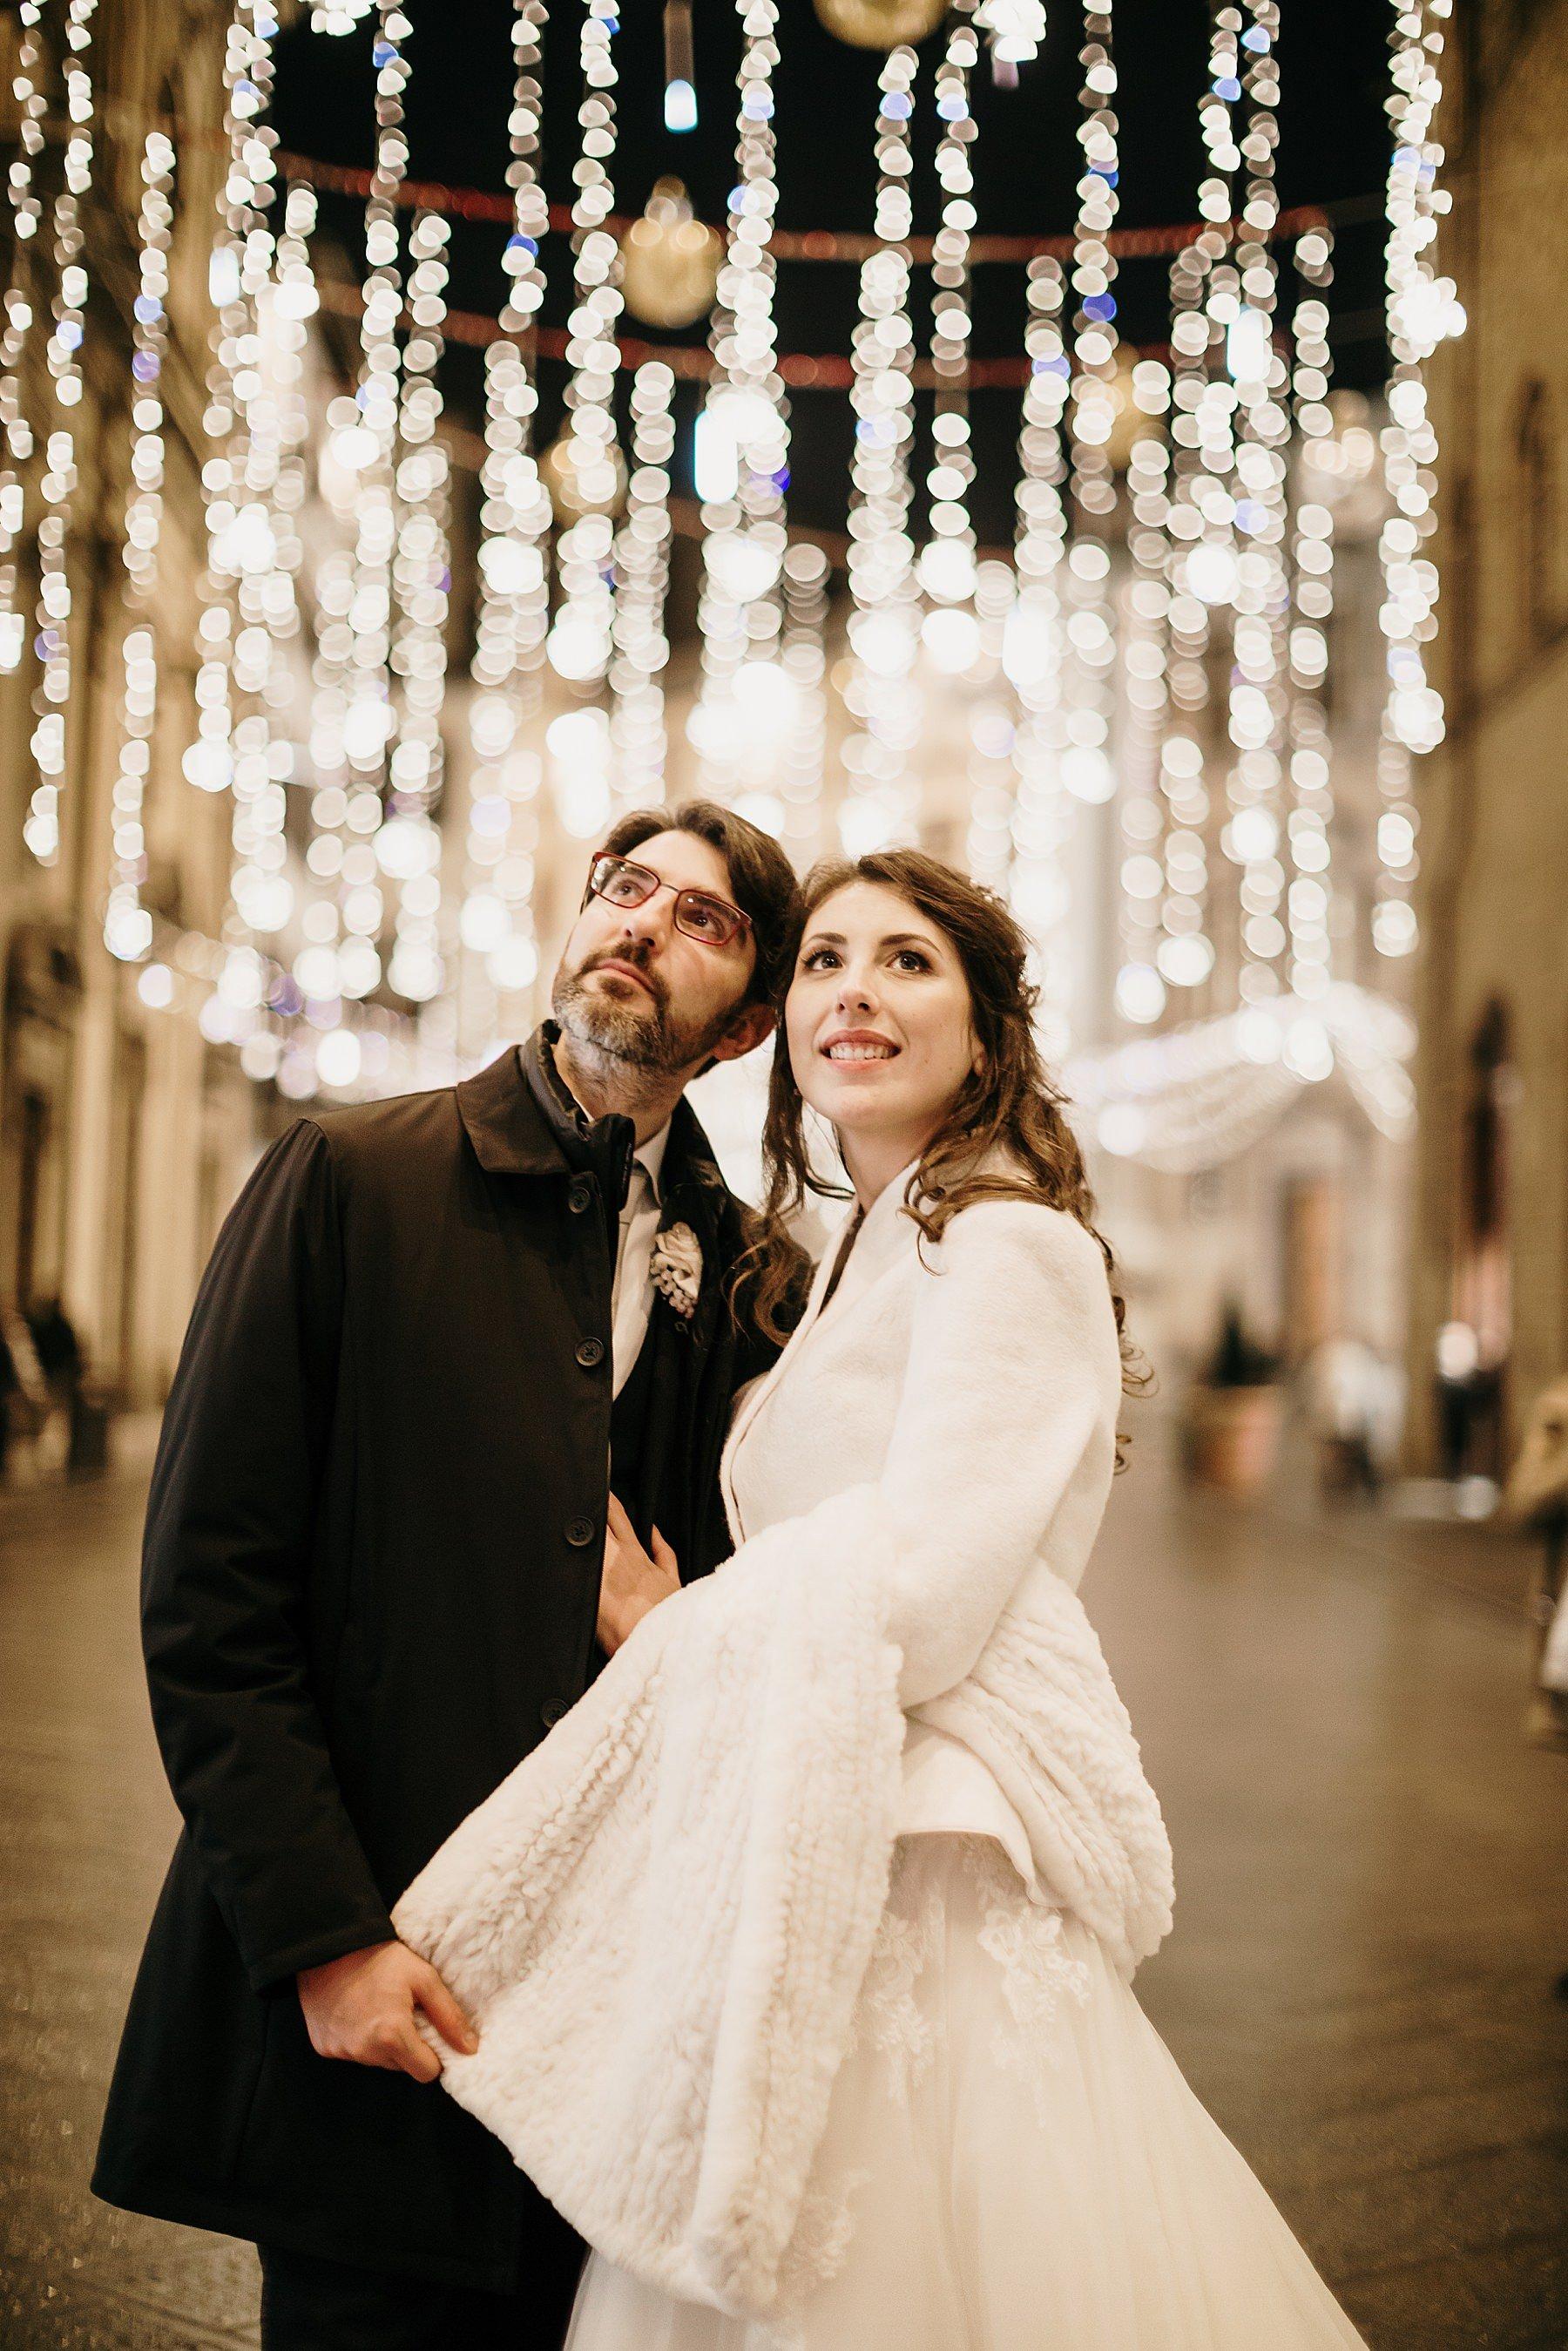 fotografia di matrimonio a firenze in inverno 783